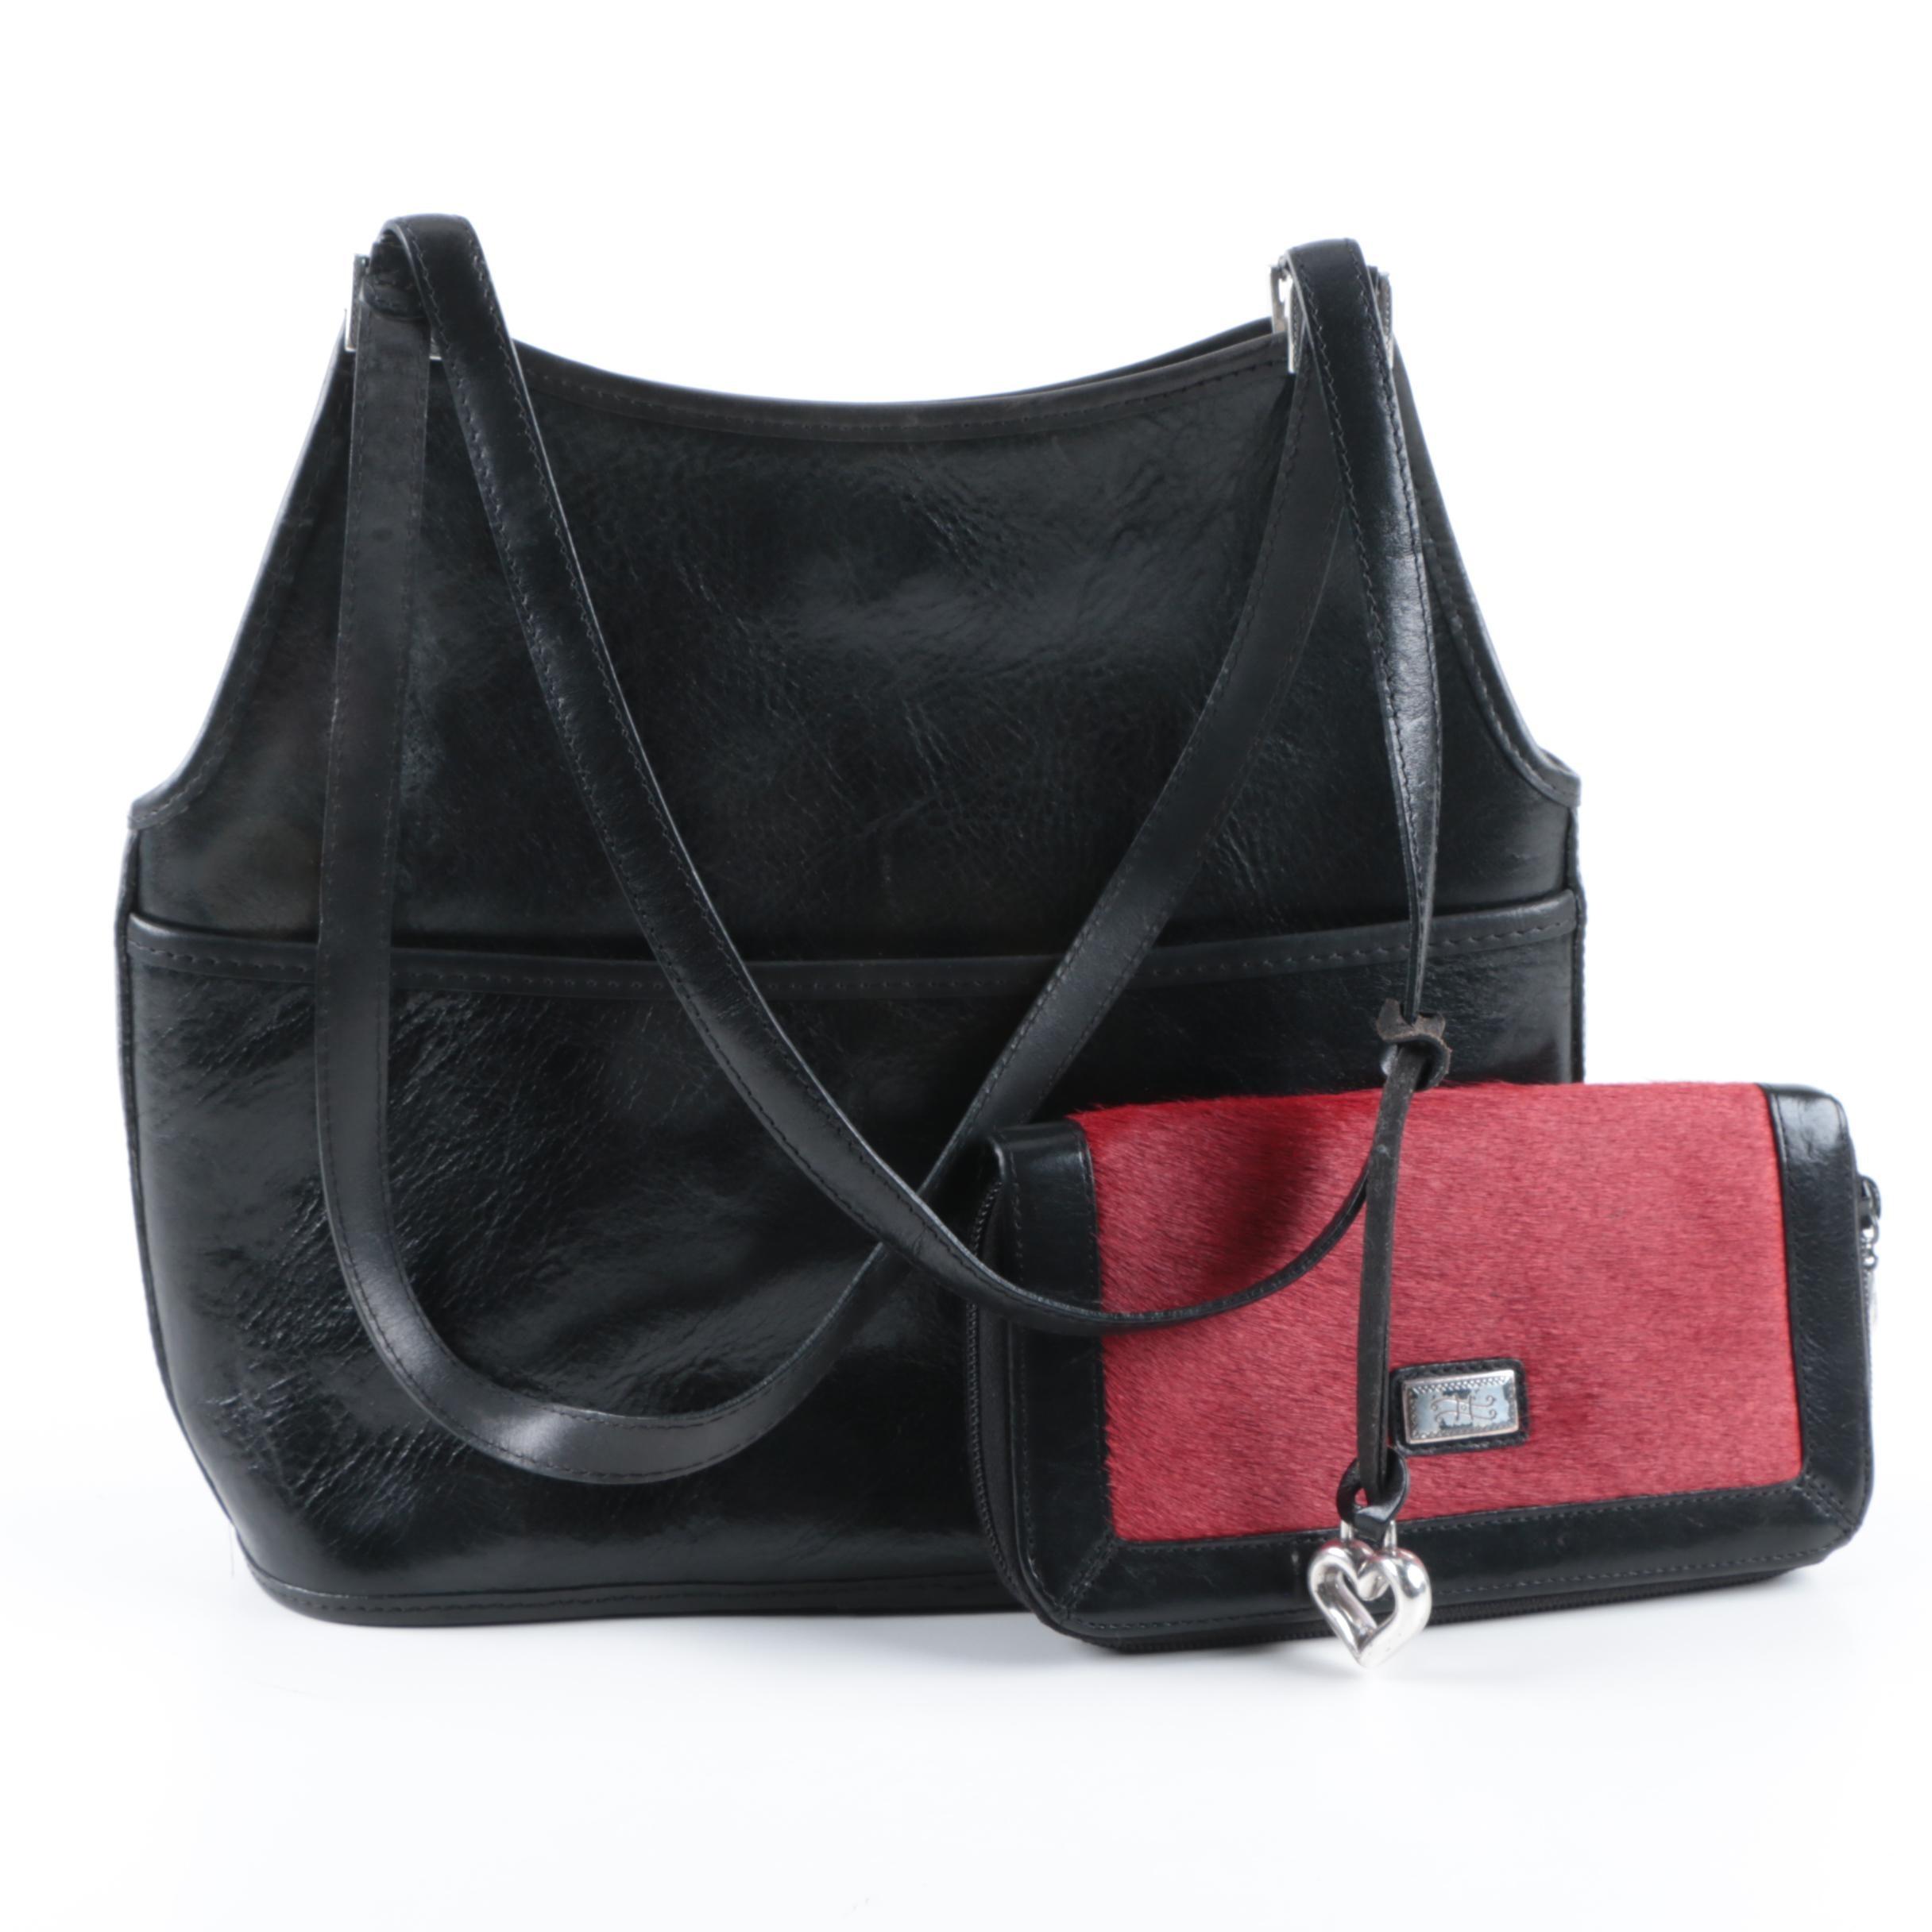 Brighton Cowhide Handbag and Wallet